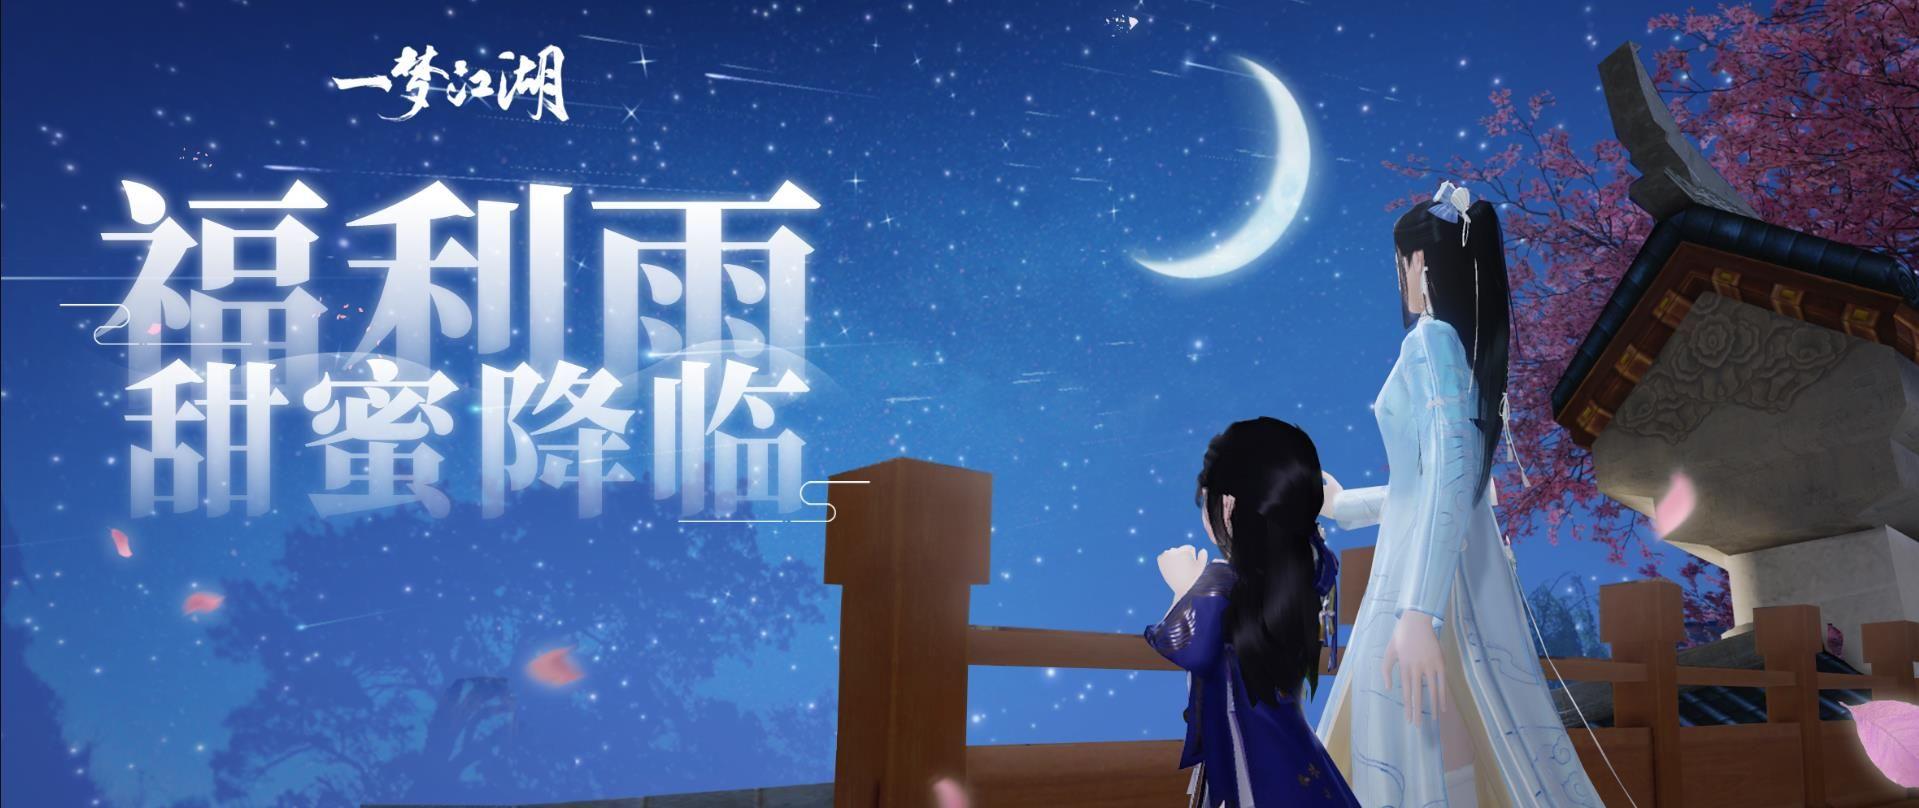 一梦江湖520福利雨开启 5月15日更新内容一览